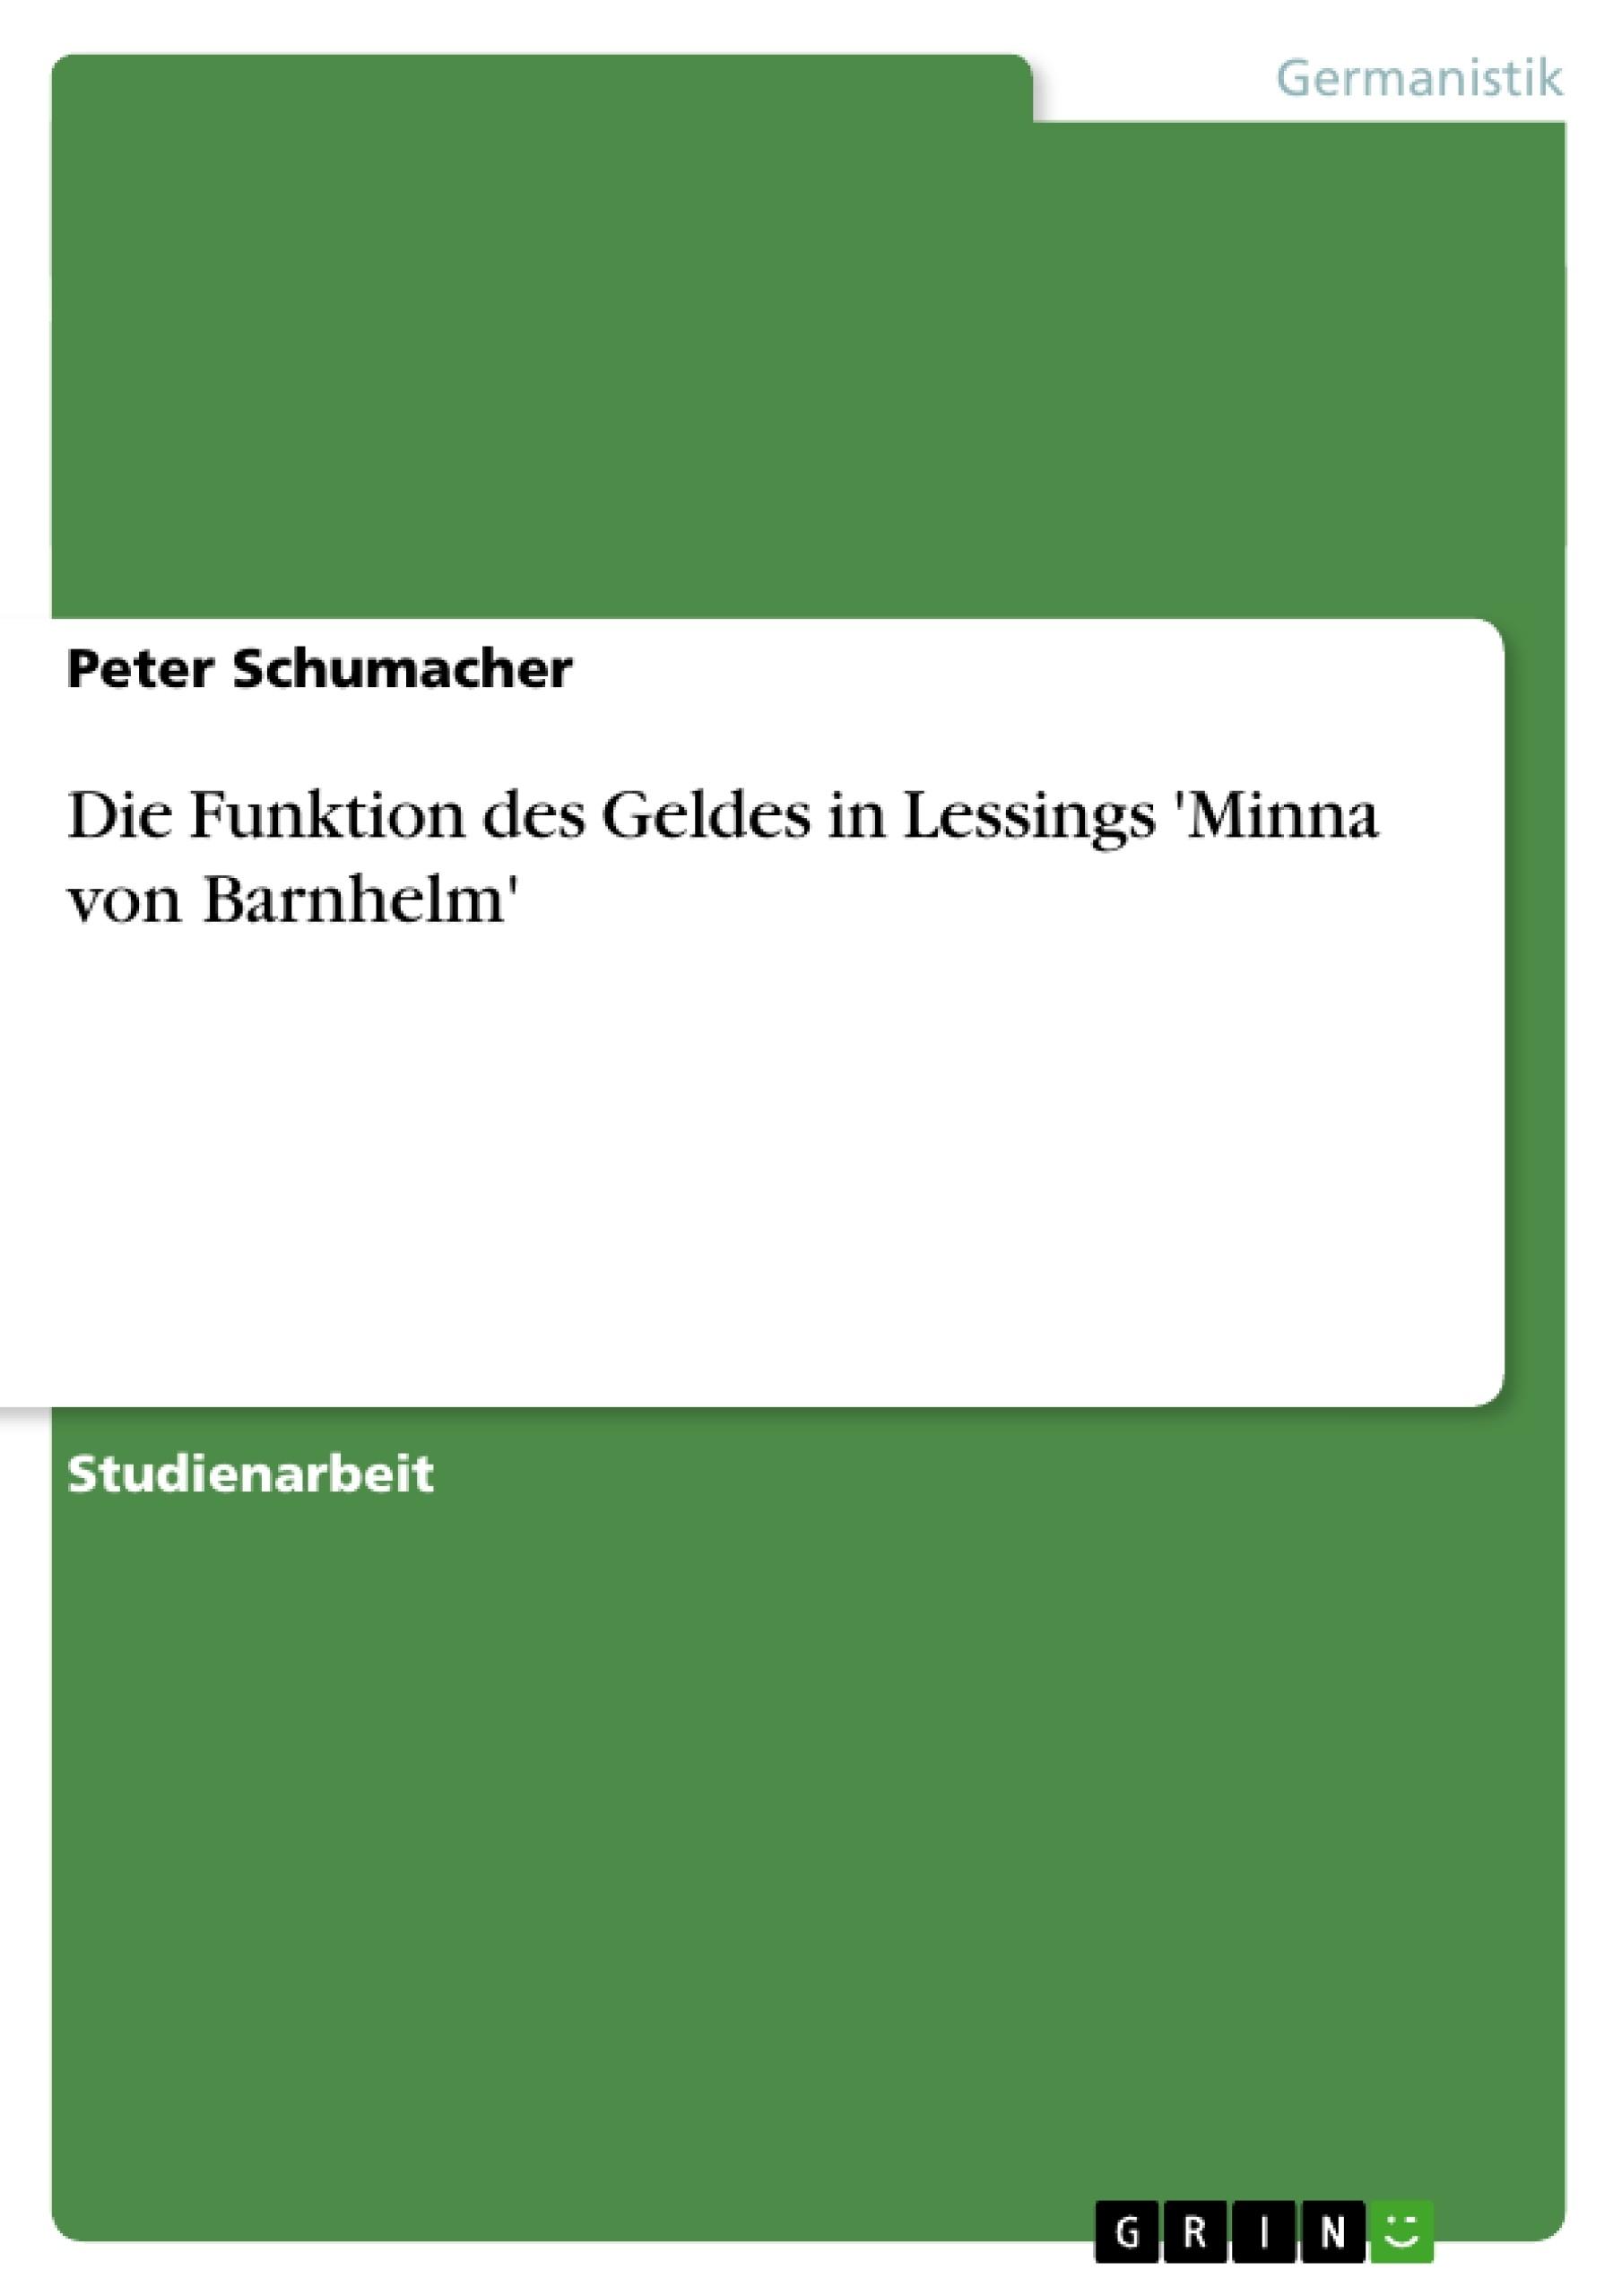 Titel: Die Funktion des Geldes in Lessings 'Minna von Barnhelm'